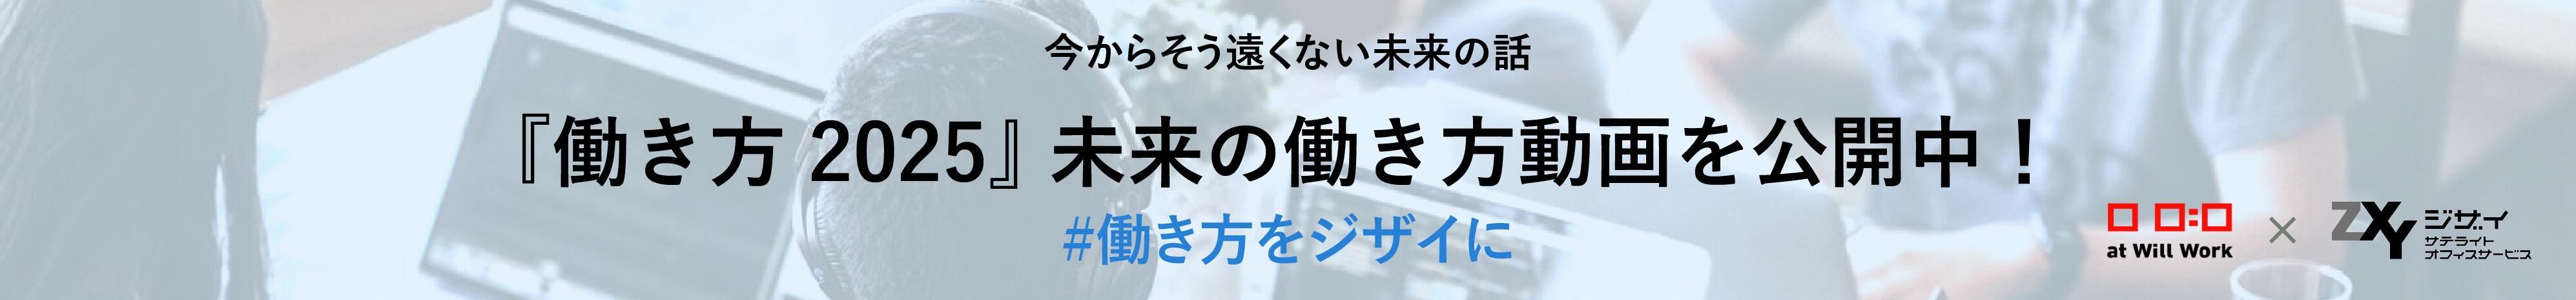 「働き方2025」未来の働き方動画を公開中!